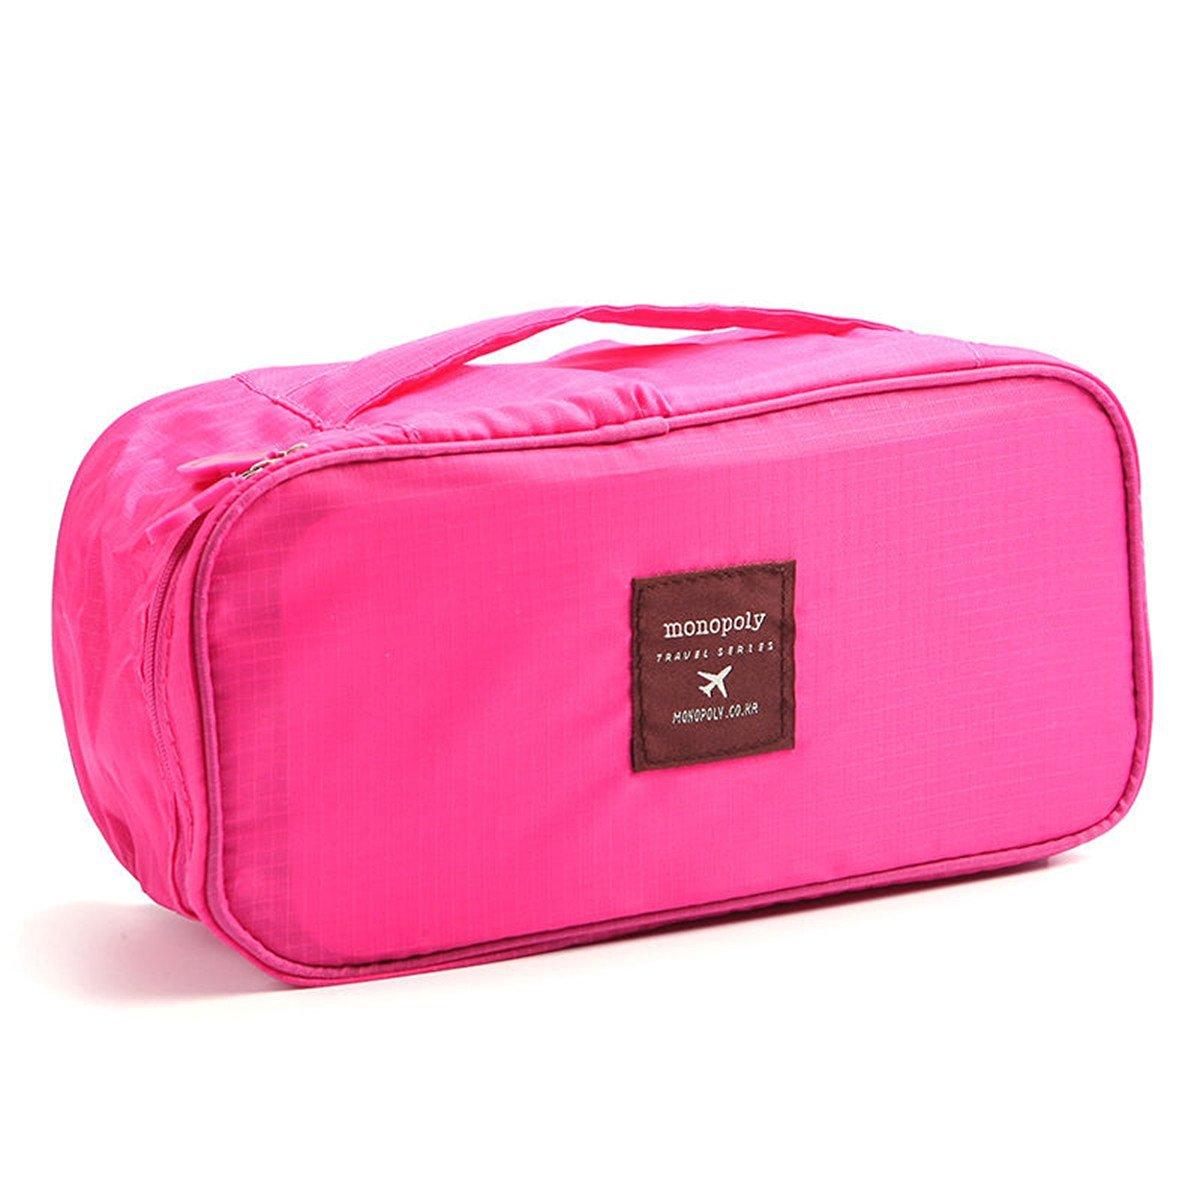 Yosoo 2-Pack Portable Travel Case Underwear Bra Drawer Closet Dividers Closet Organizers Storage Bag (Red)